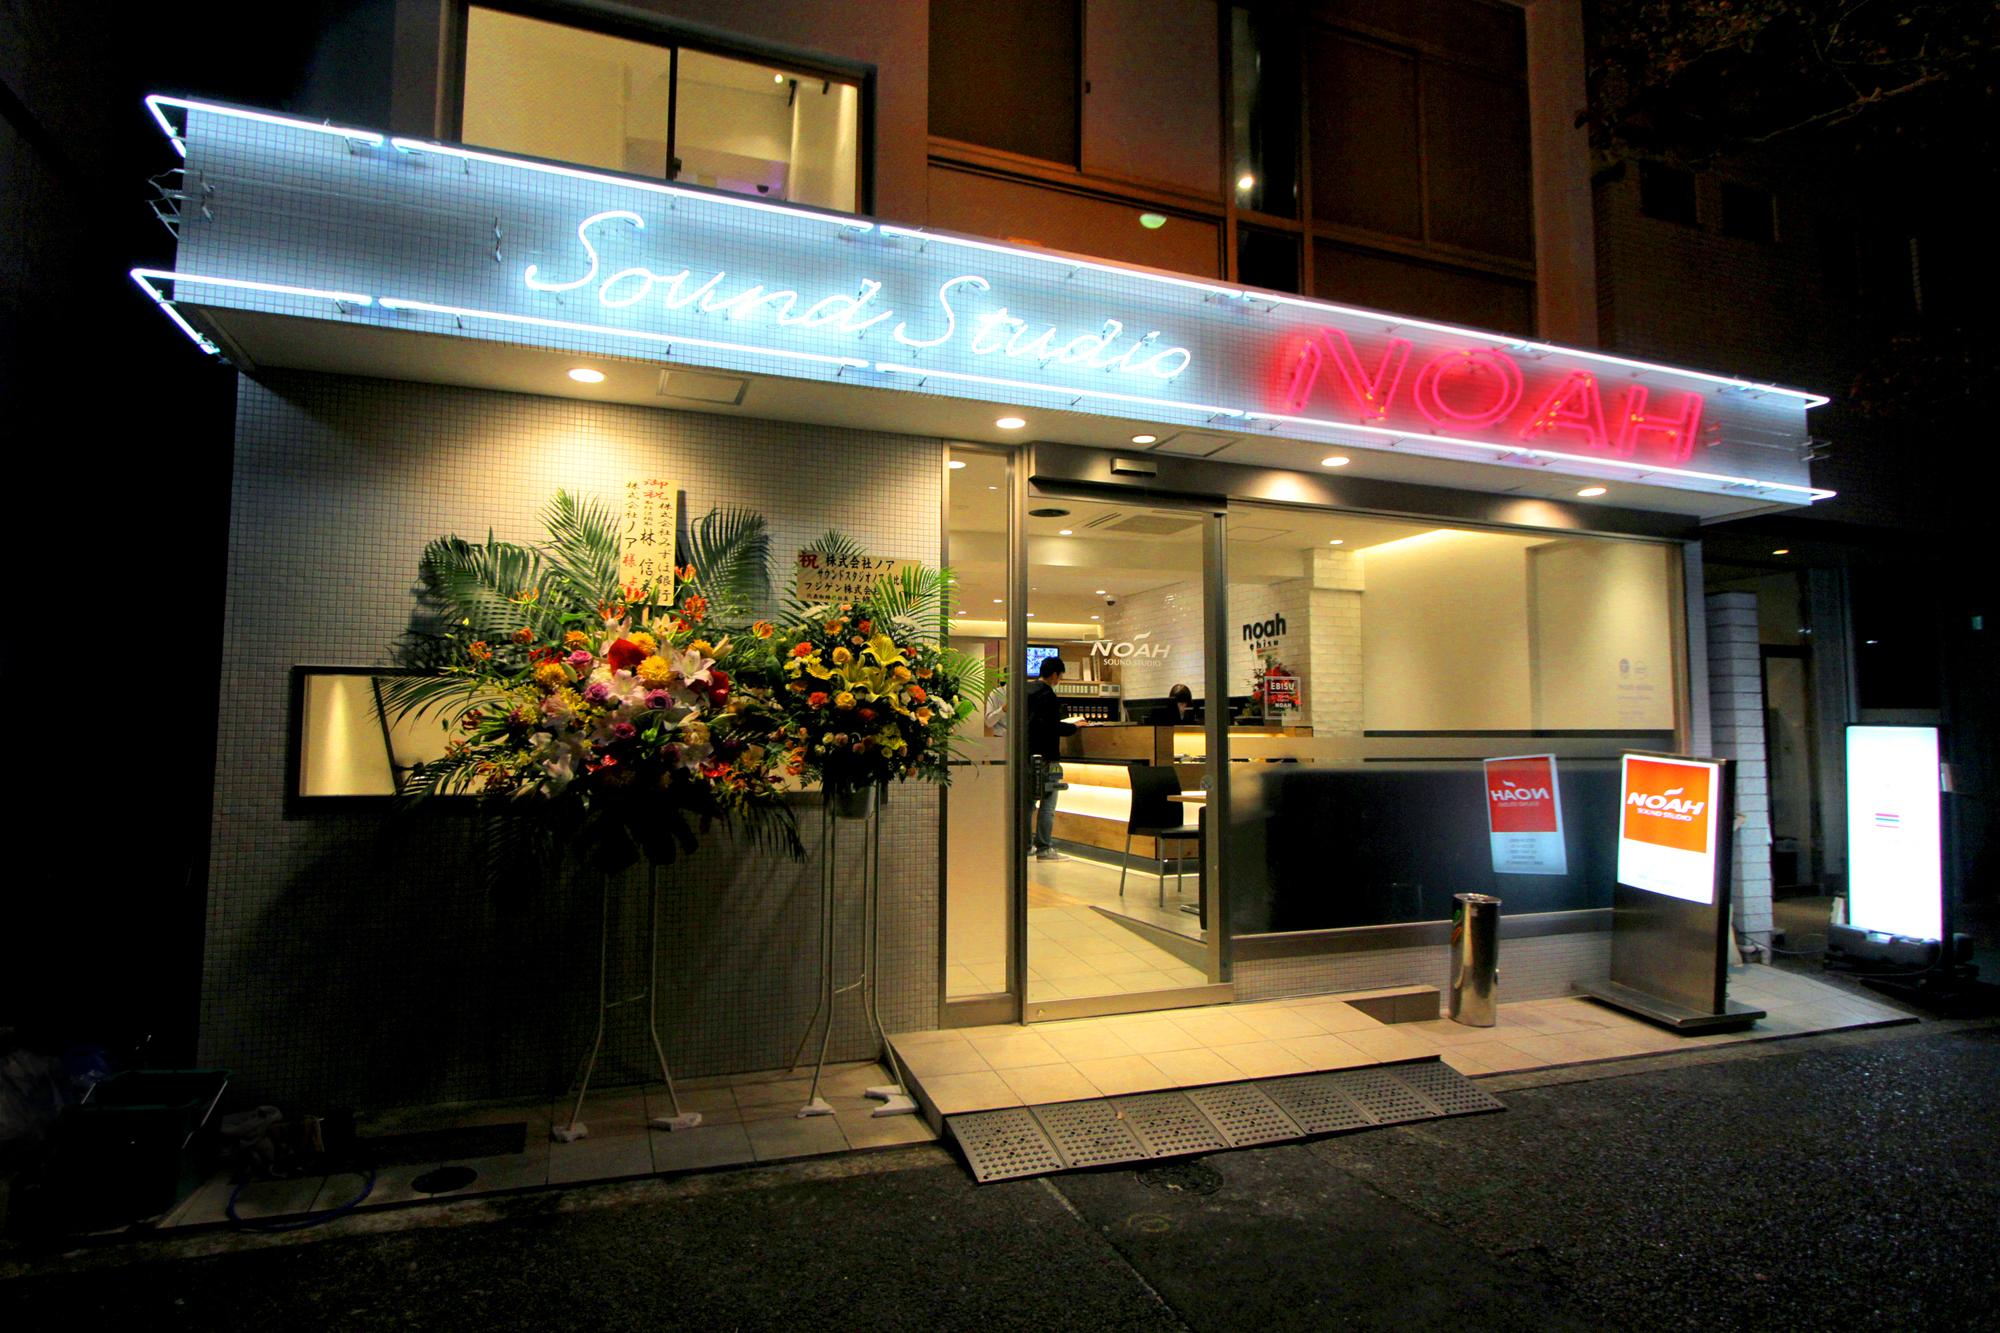 【速報】NOAH恵比寿店で最先端なスタジオを体感してきました。